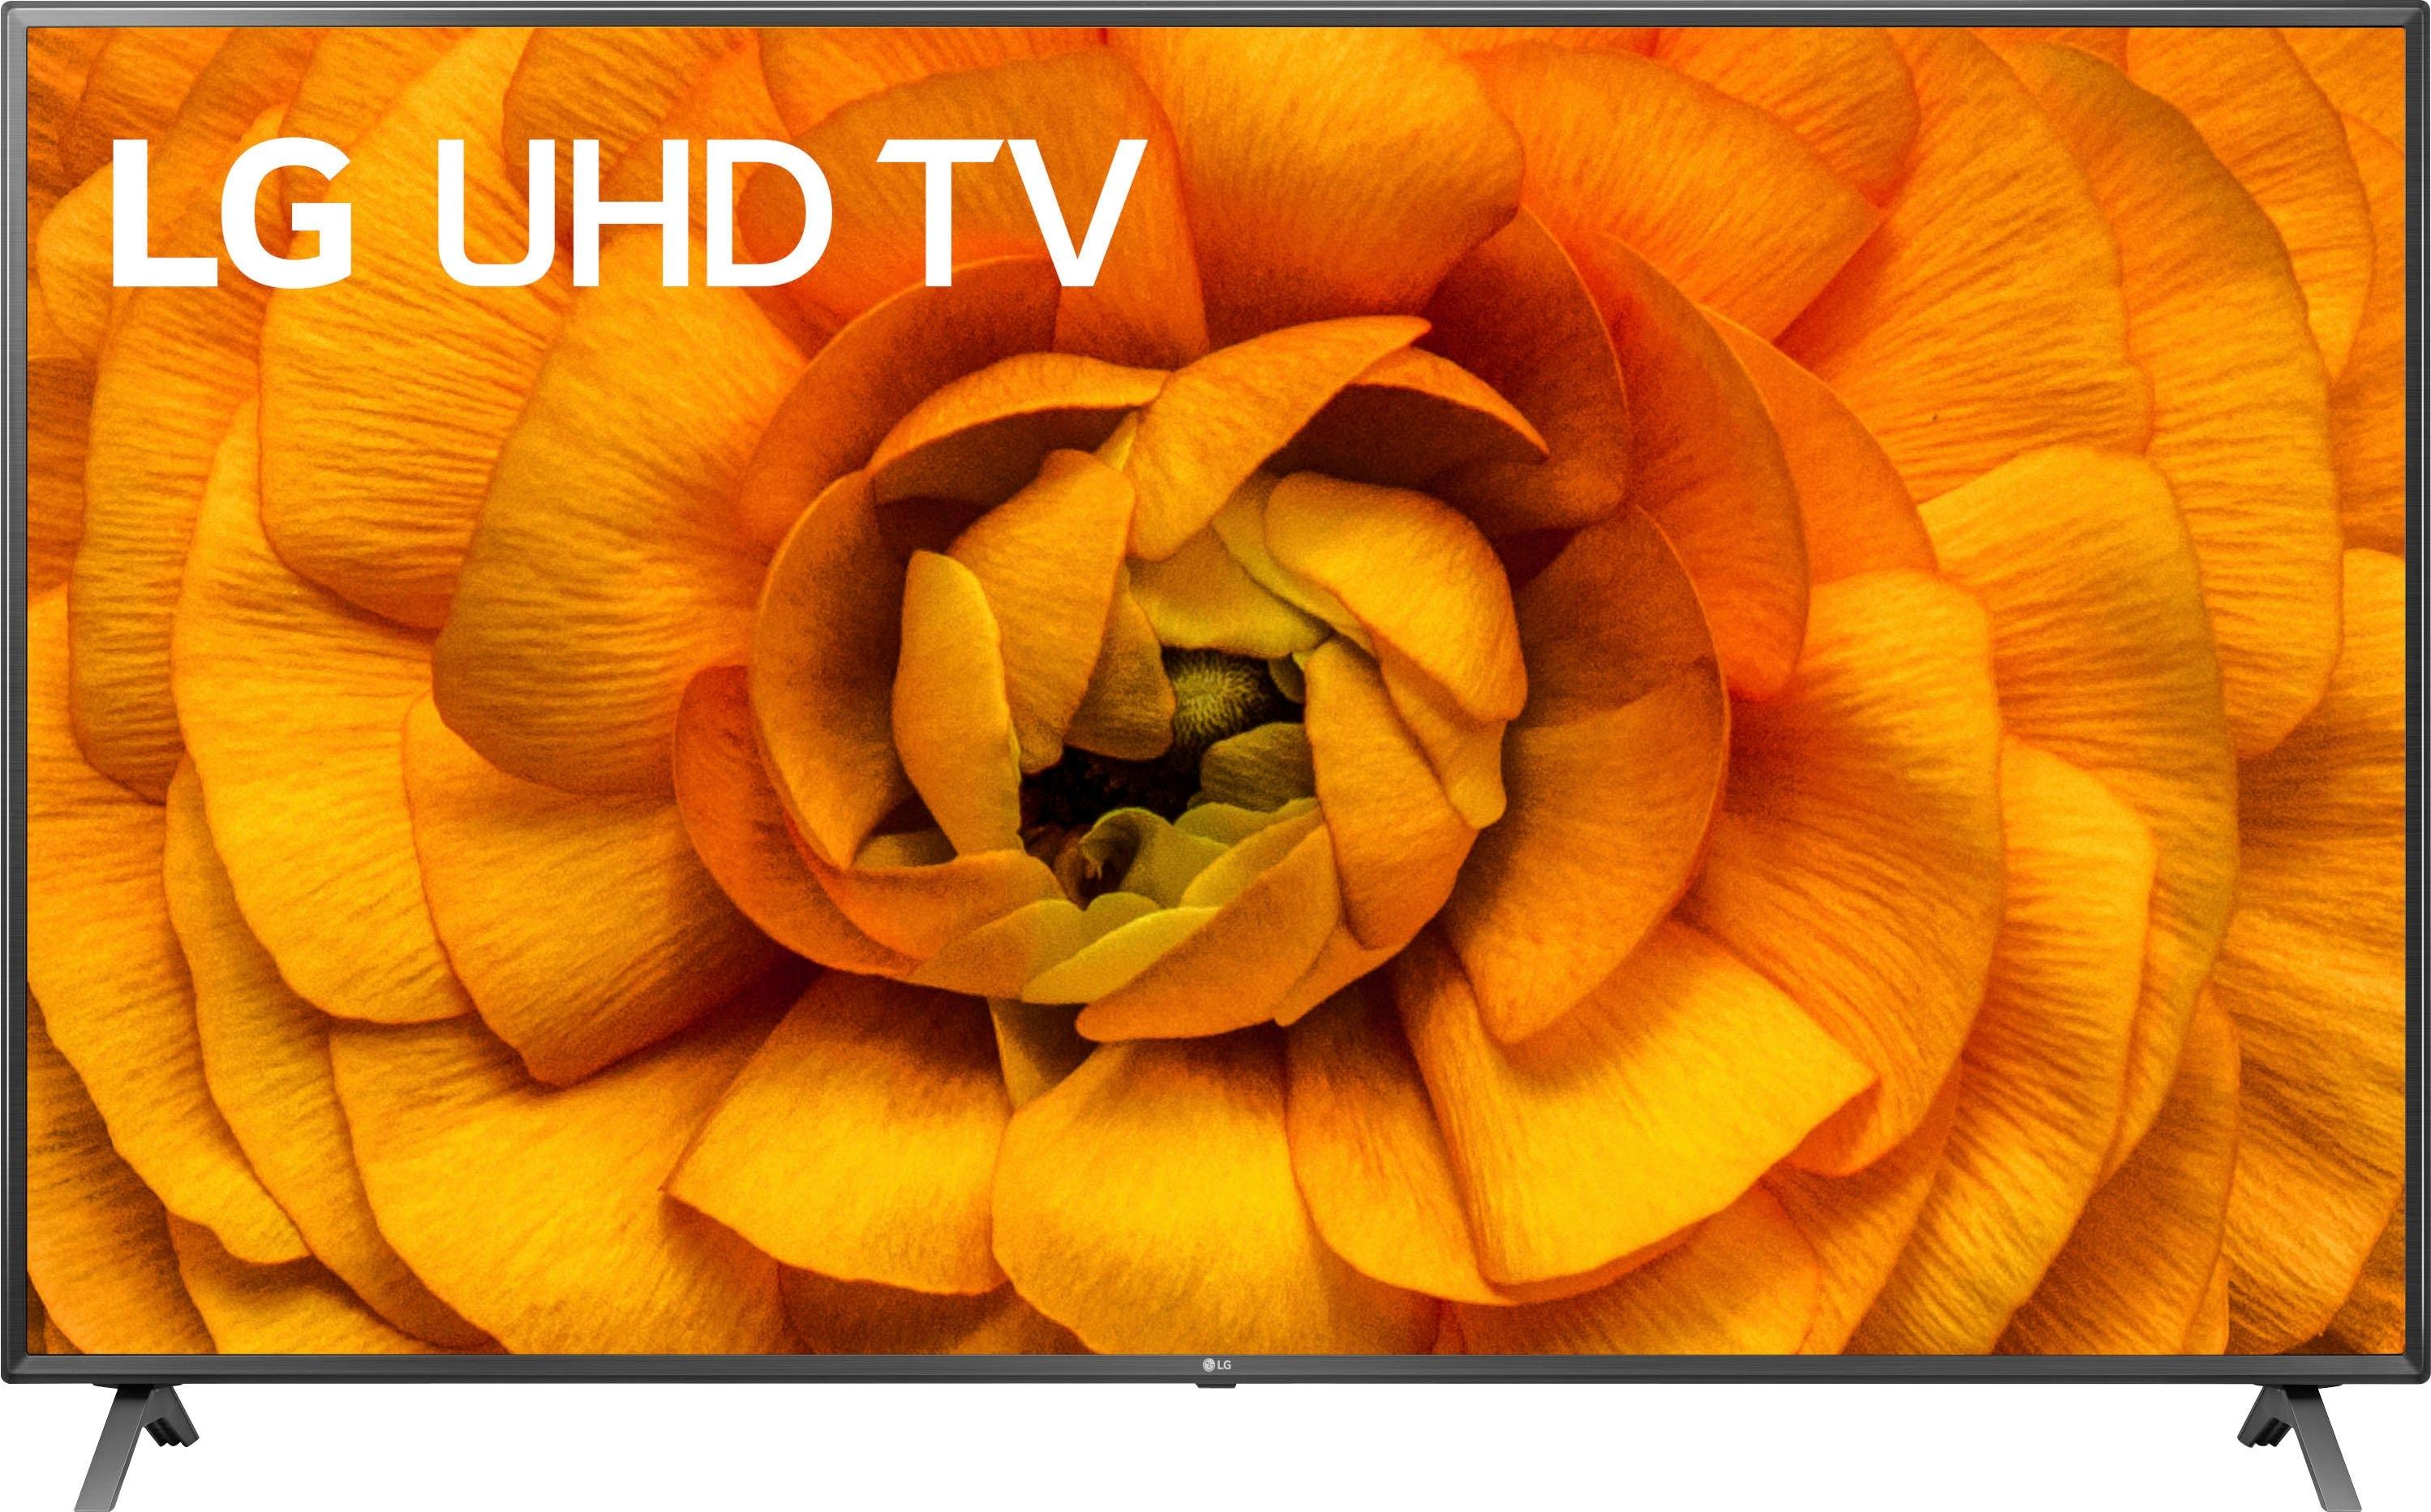 LG LED-TV 86UN85006LA, 217 cm / 86